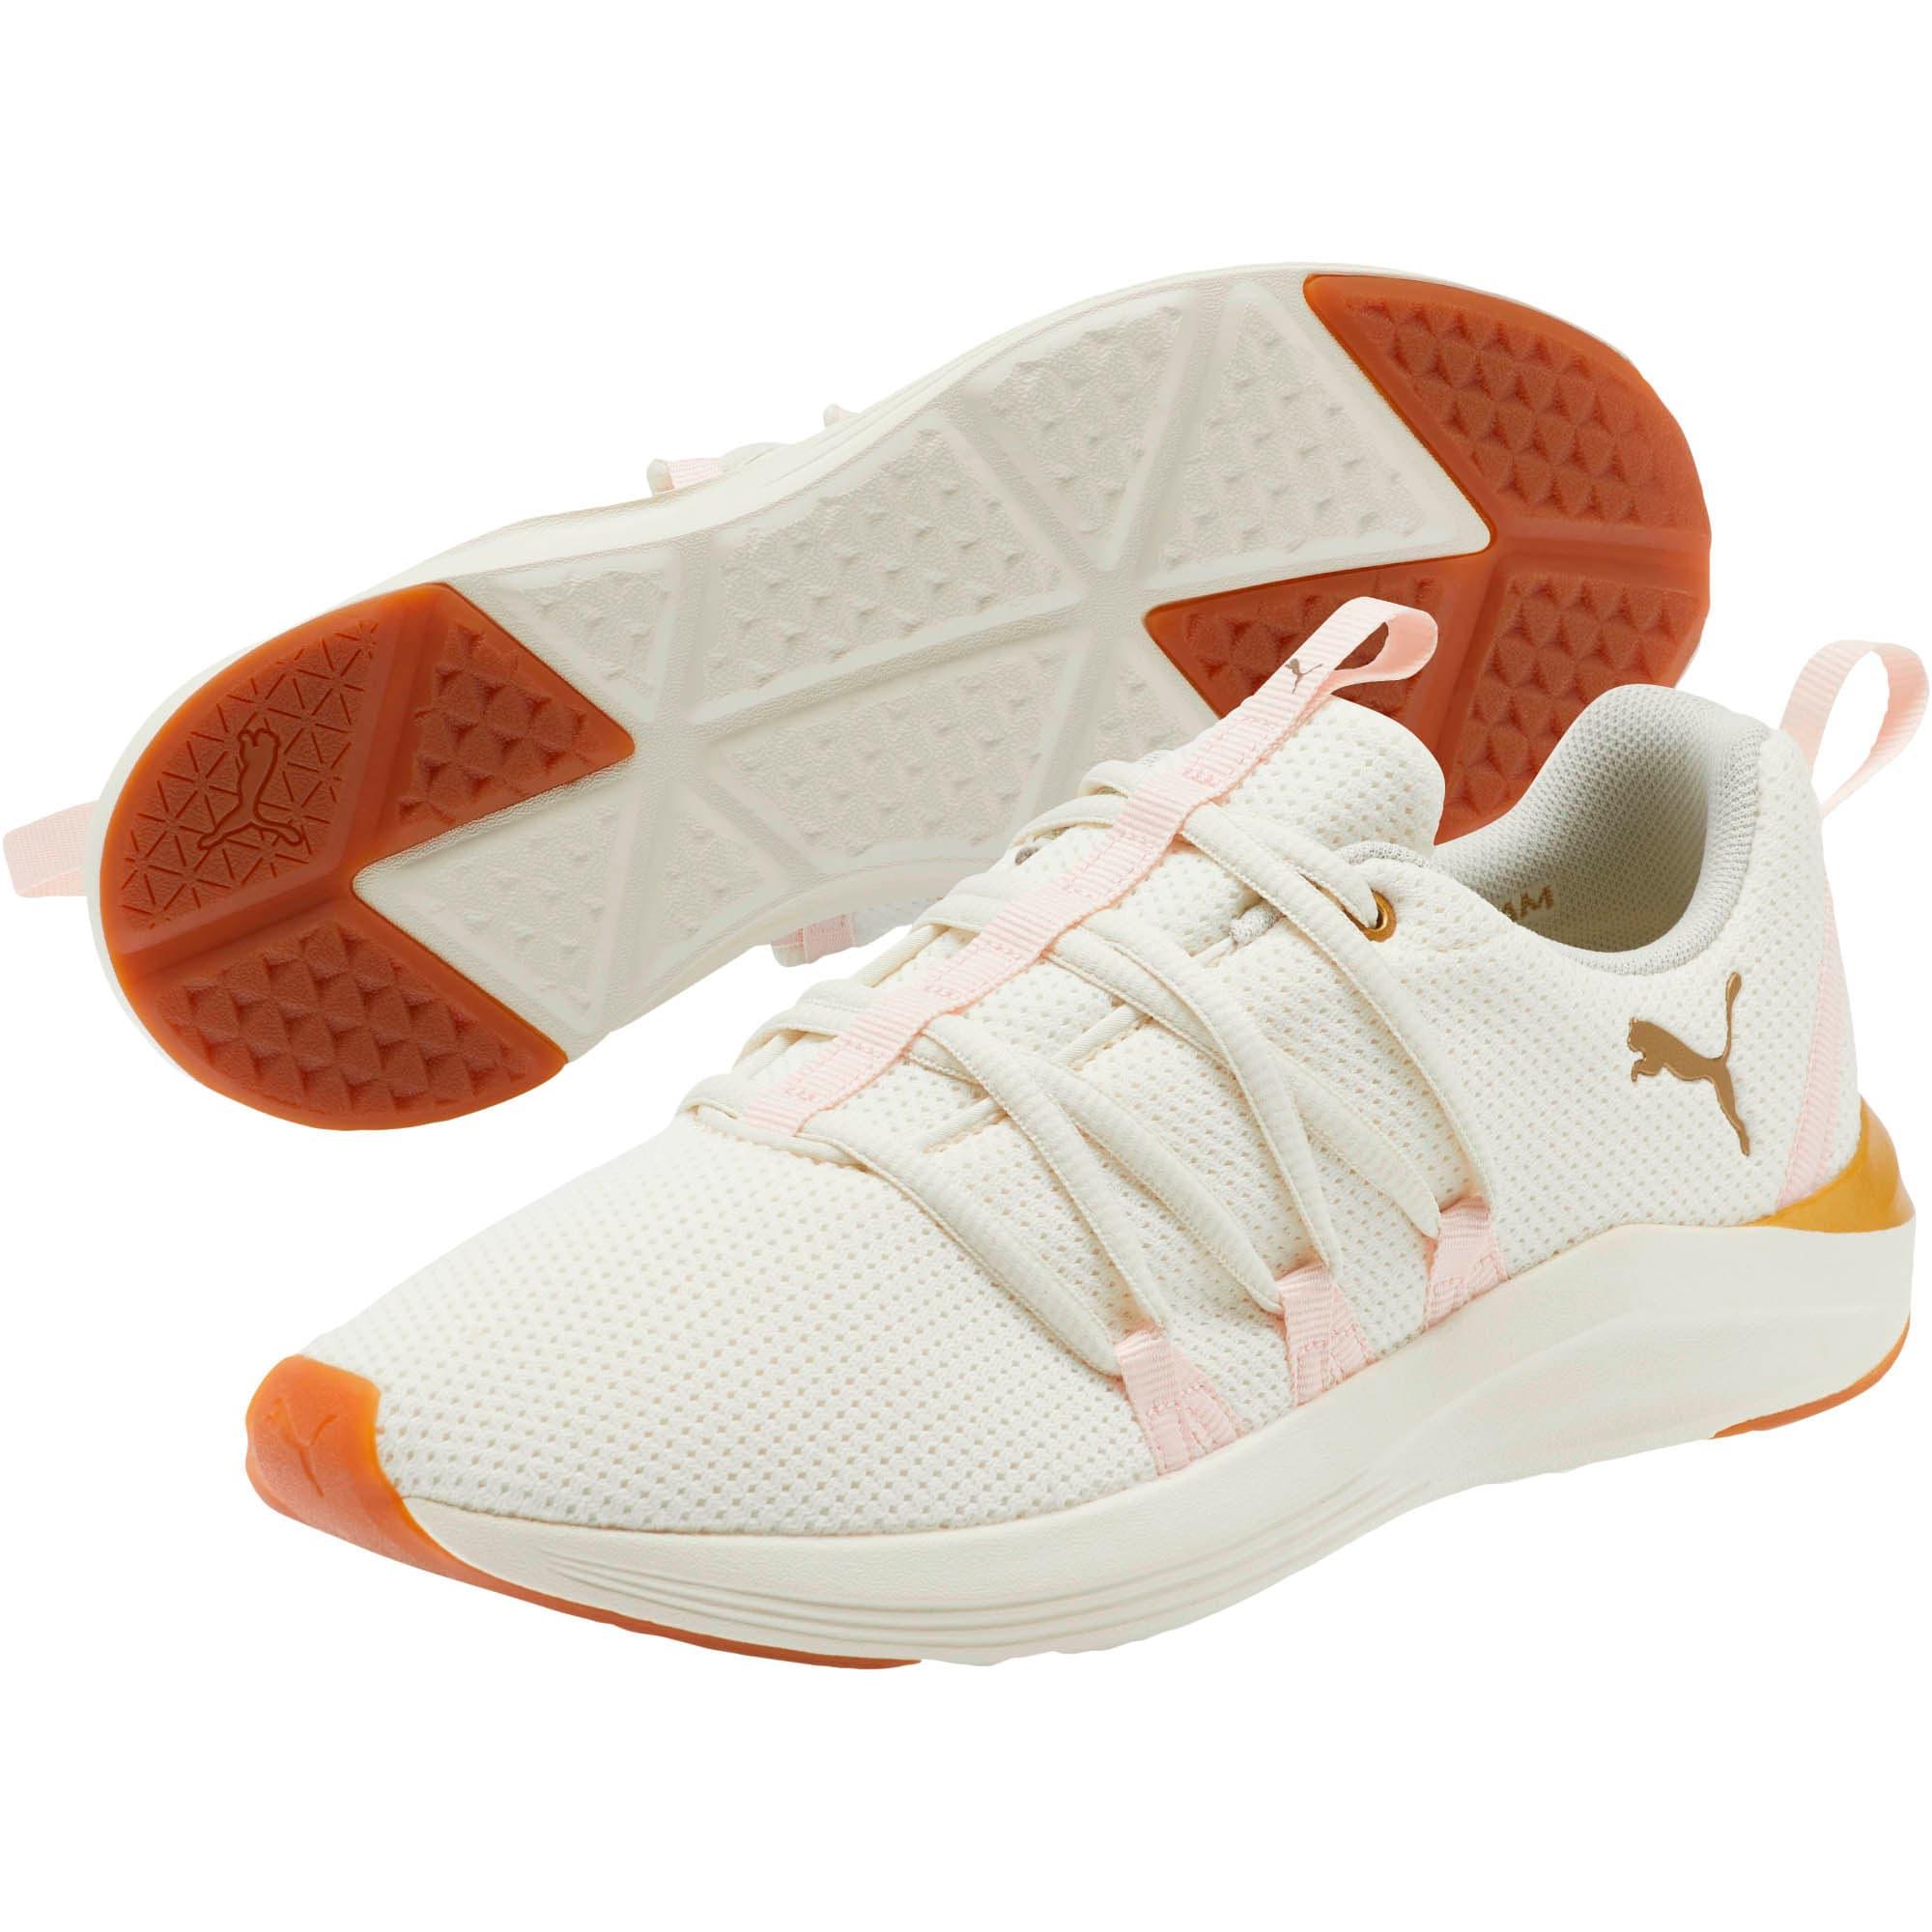 Thumbnail 2 of Prowl Alt Sweet Women's Training Shoes, Whisper White-Barely Pink, medium